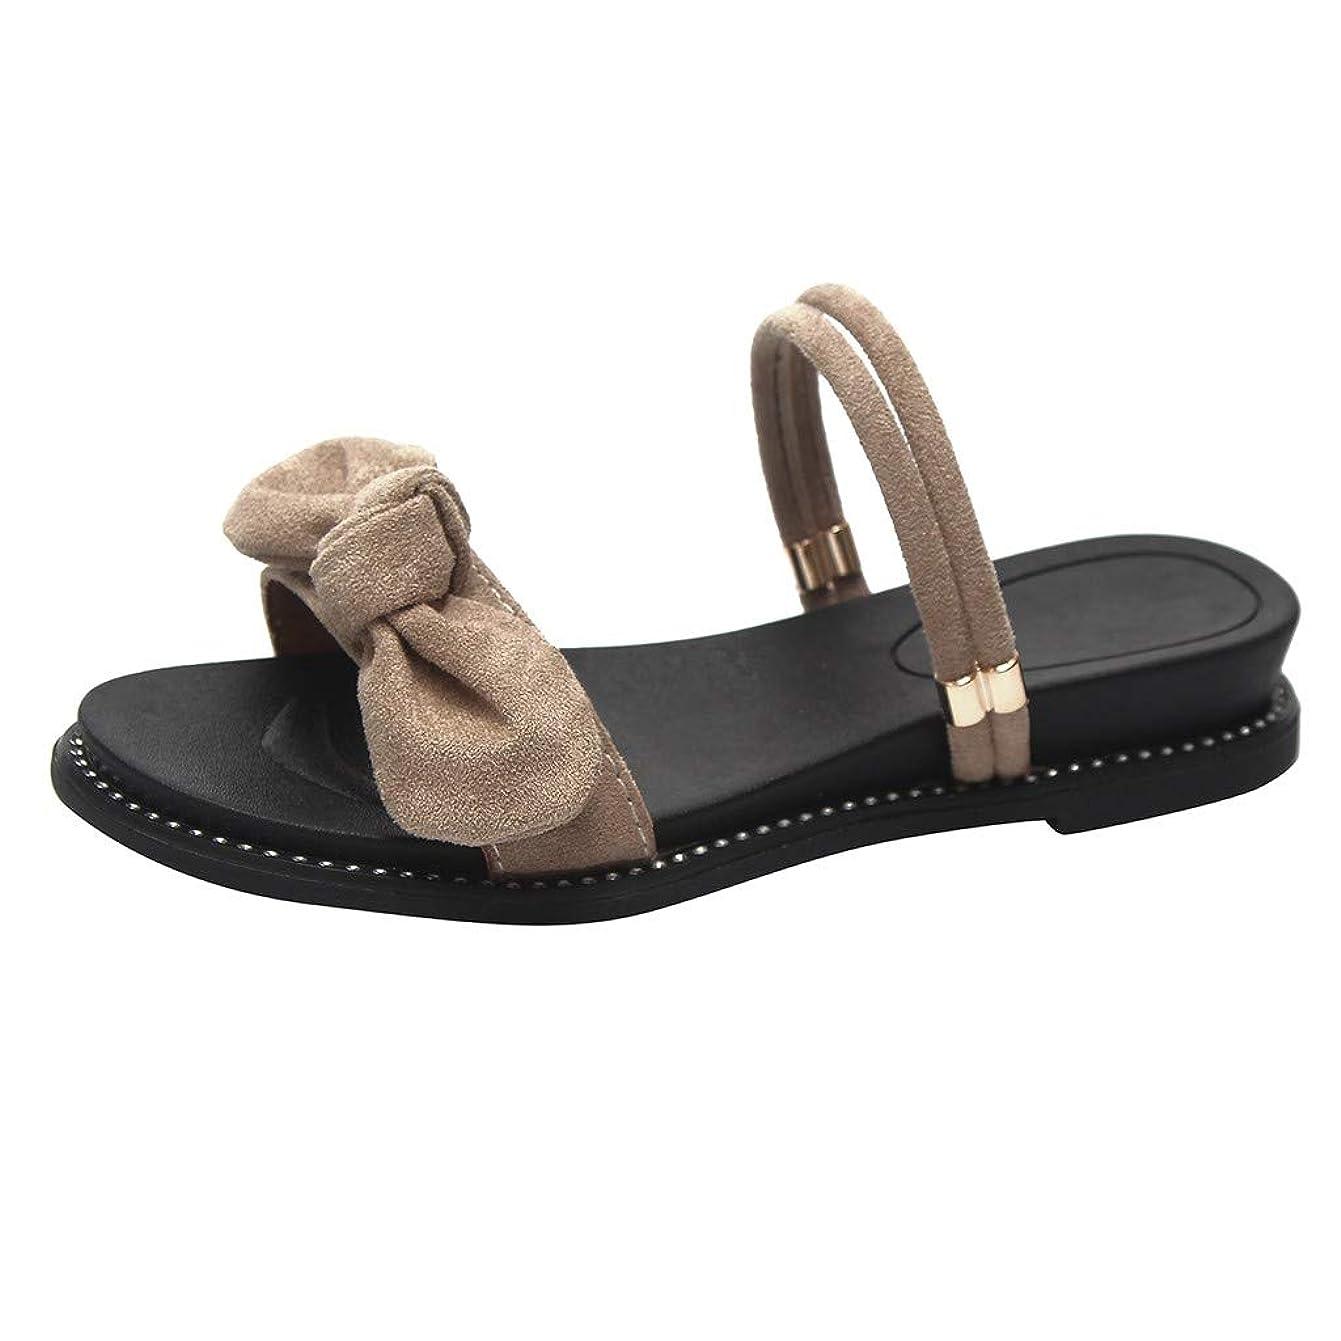 永遠にスイング脱走Expxon Tech 夏 女性 弓 スエード ビーチ スリッパ ローマ風 つま先を開く 平底 サンダル 靴 カジュアルシューズ 日常着用 3cmヒール ローヒール 歩きやすい スリッパ アウトドア 美脚 おしゃれ